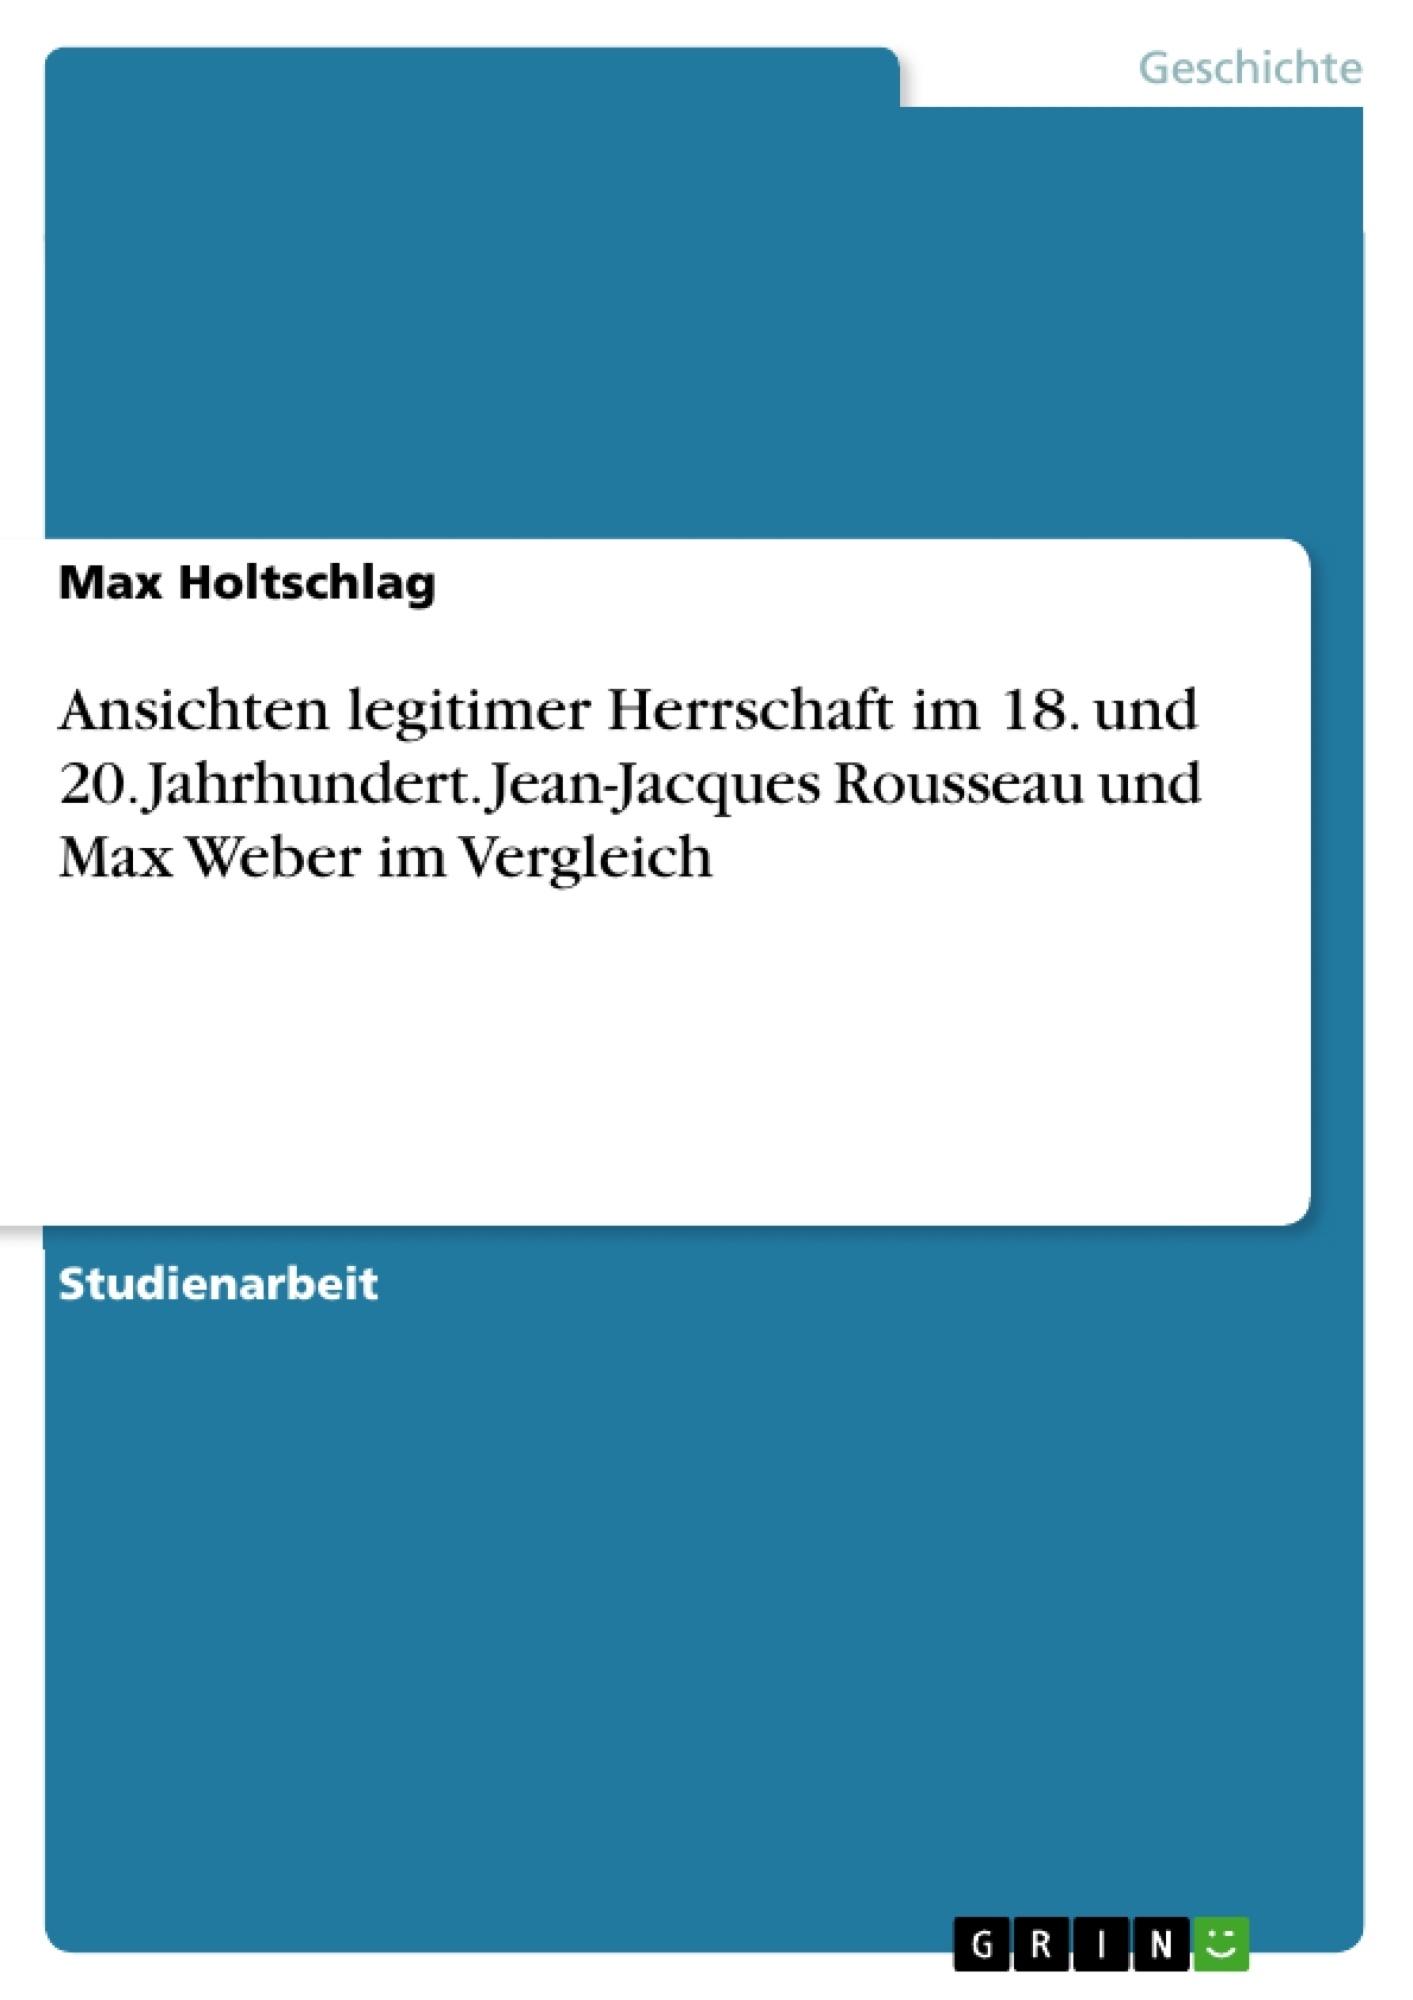 Titel: Ansichten legitimer Herrschaft im 18. und 20. Jahrhundert. Jean-Jacques Rousseau und Max Weber im Vergleich